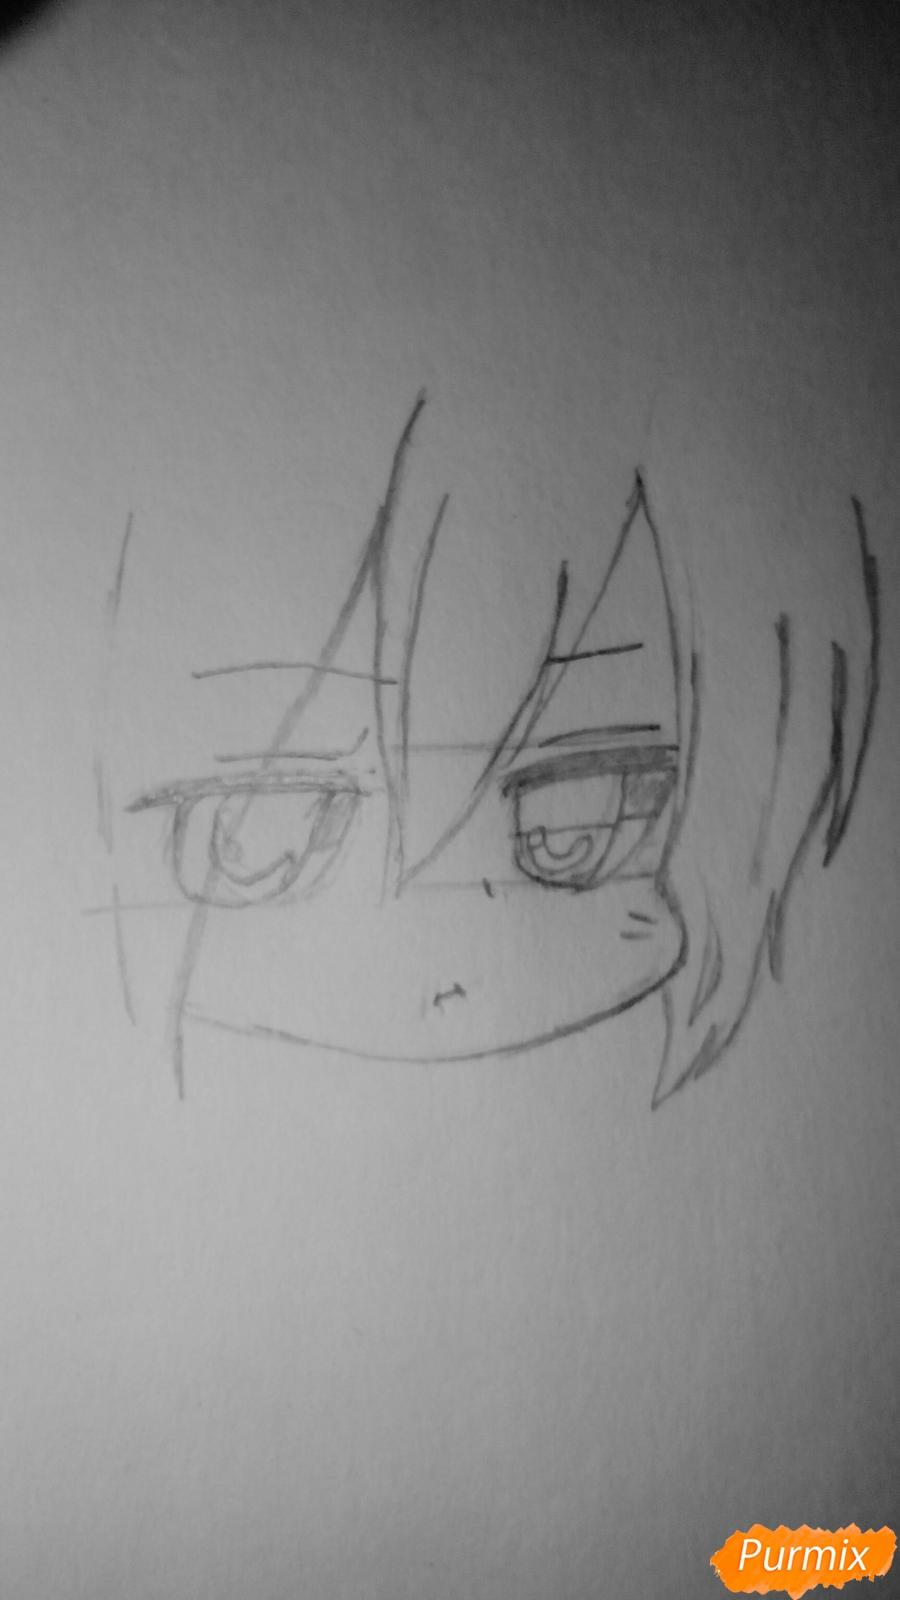 Рисуем чиби Сайто Хаджиме из аниме Сказание о демонах сакуры - фото 2